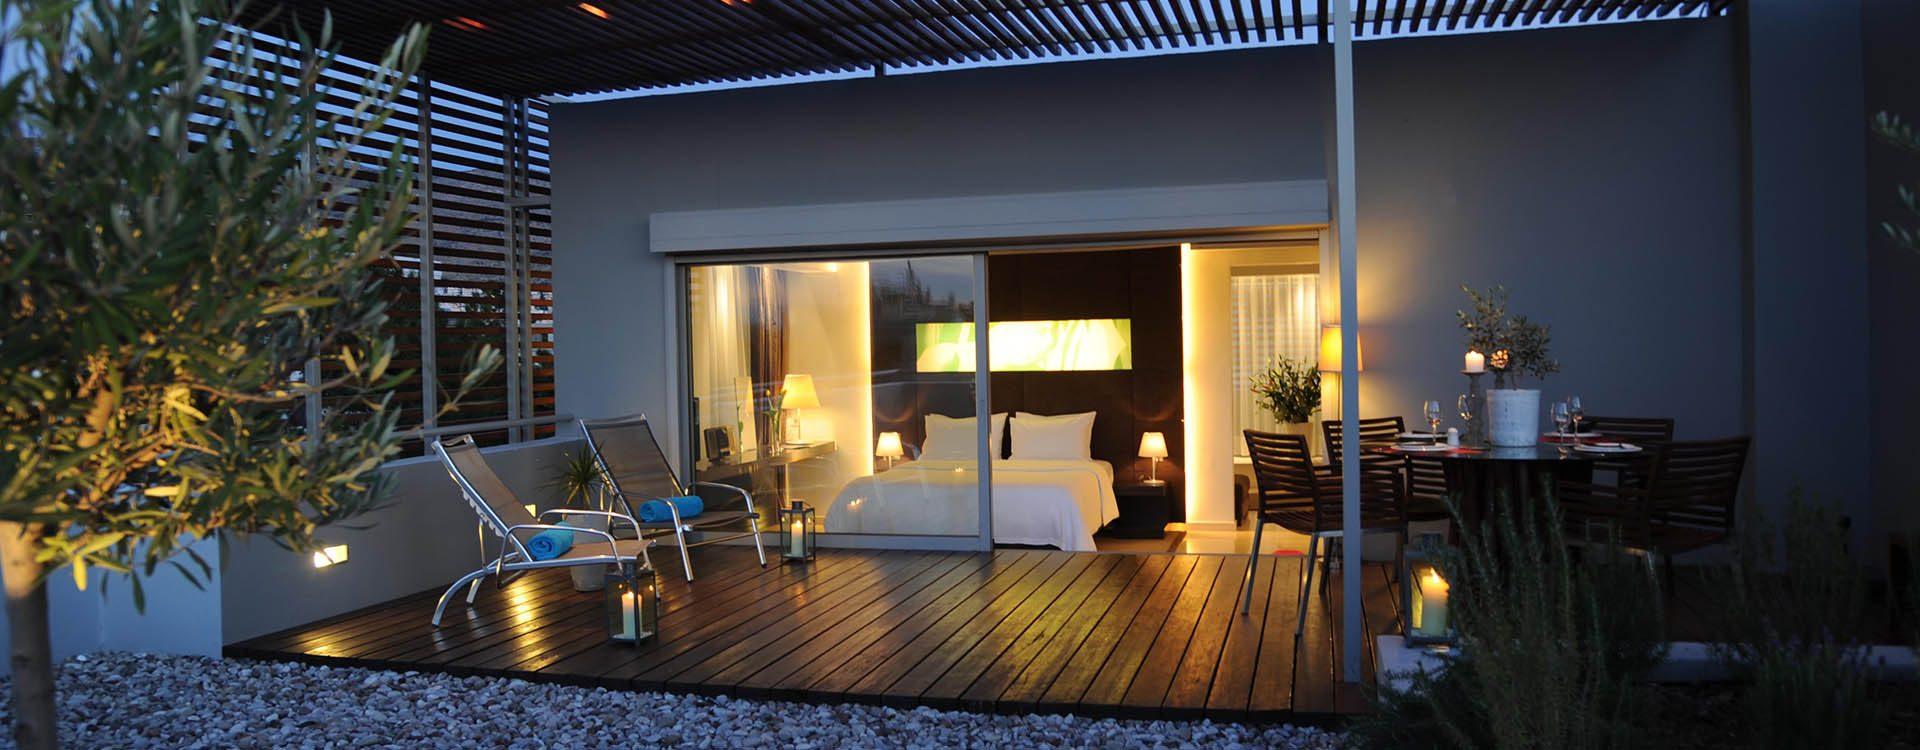 ξενοδοχεια αθηνα γλυφαδα - Brasil Suites